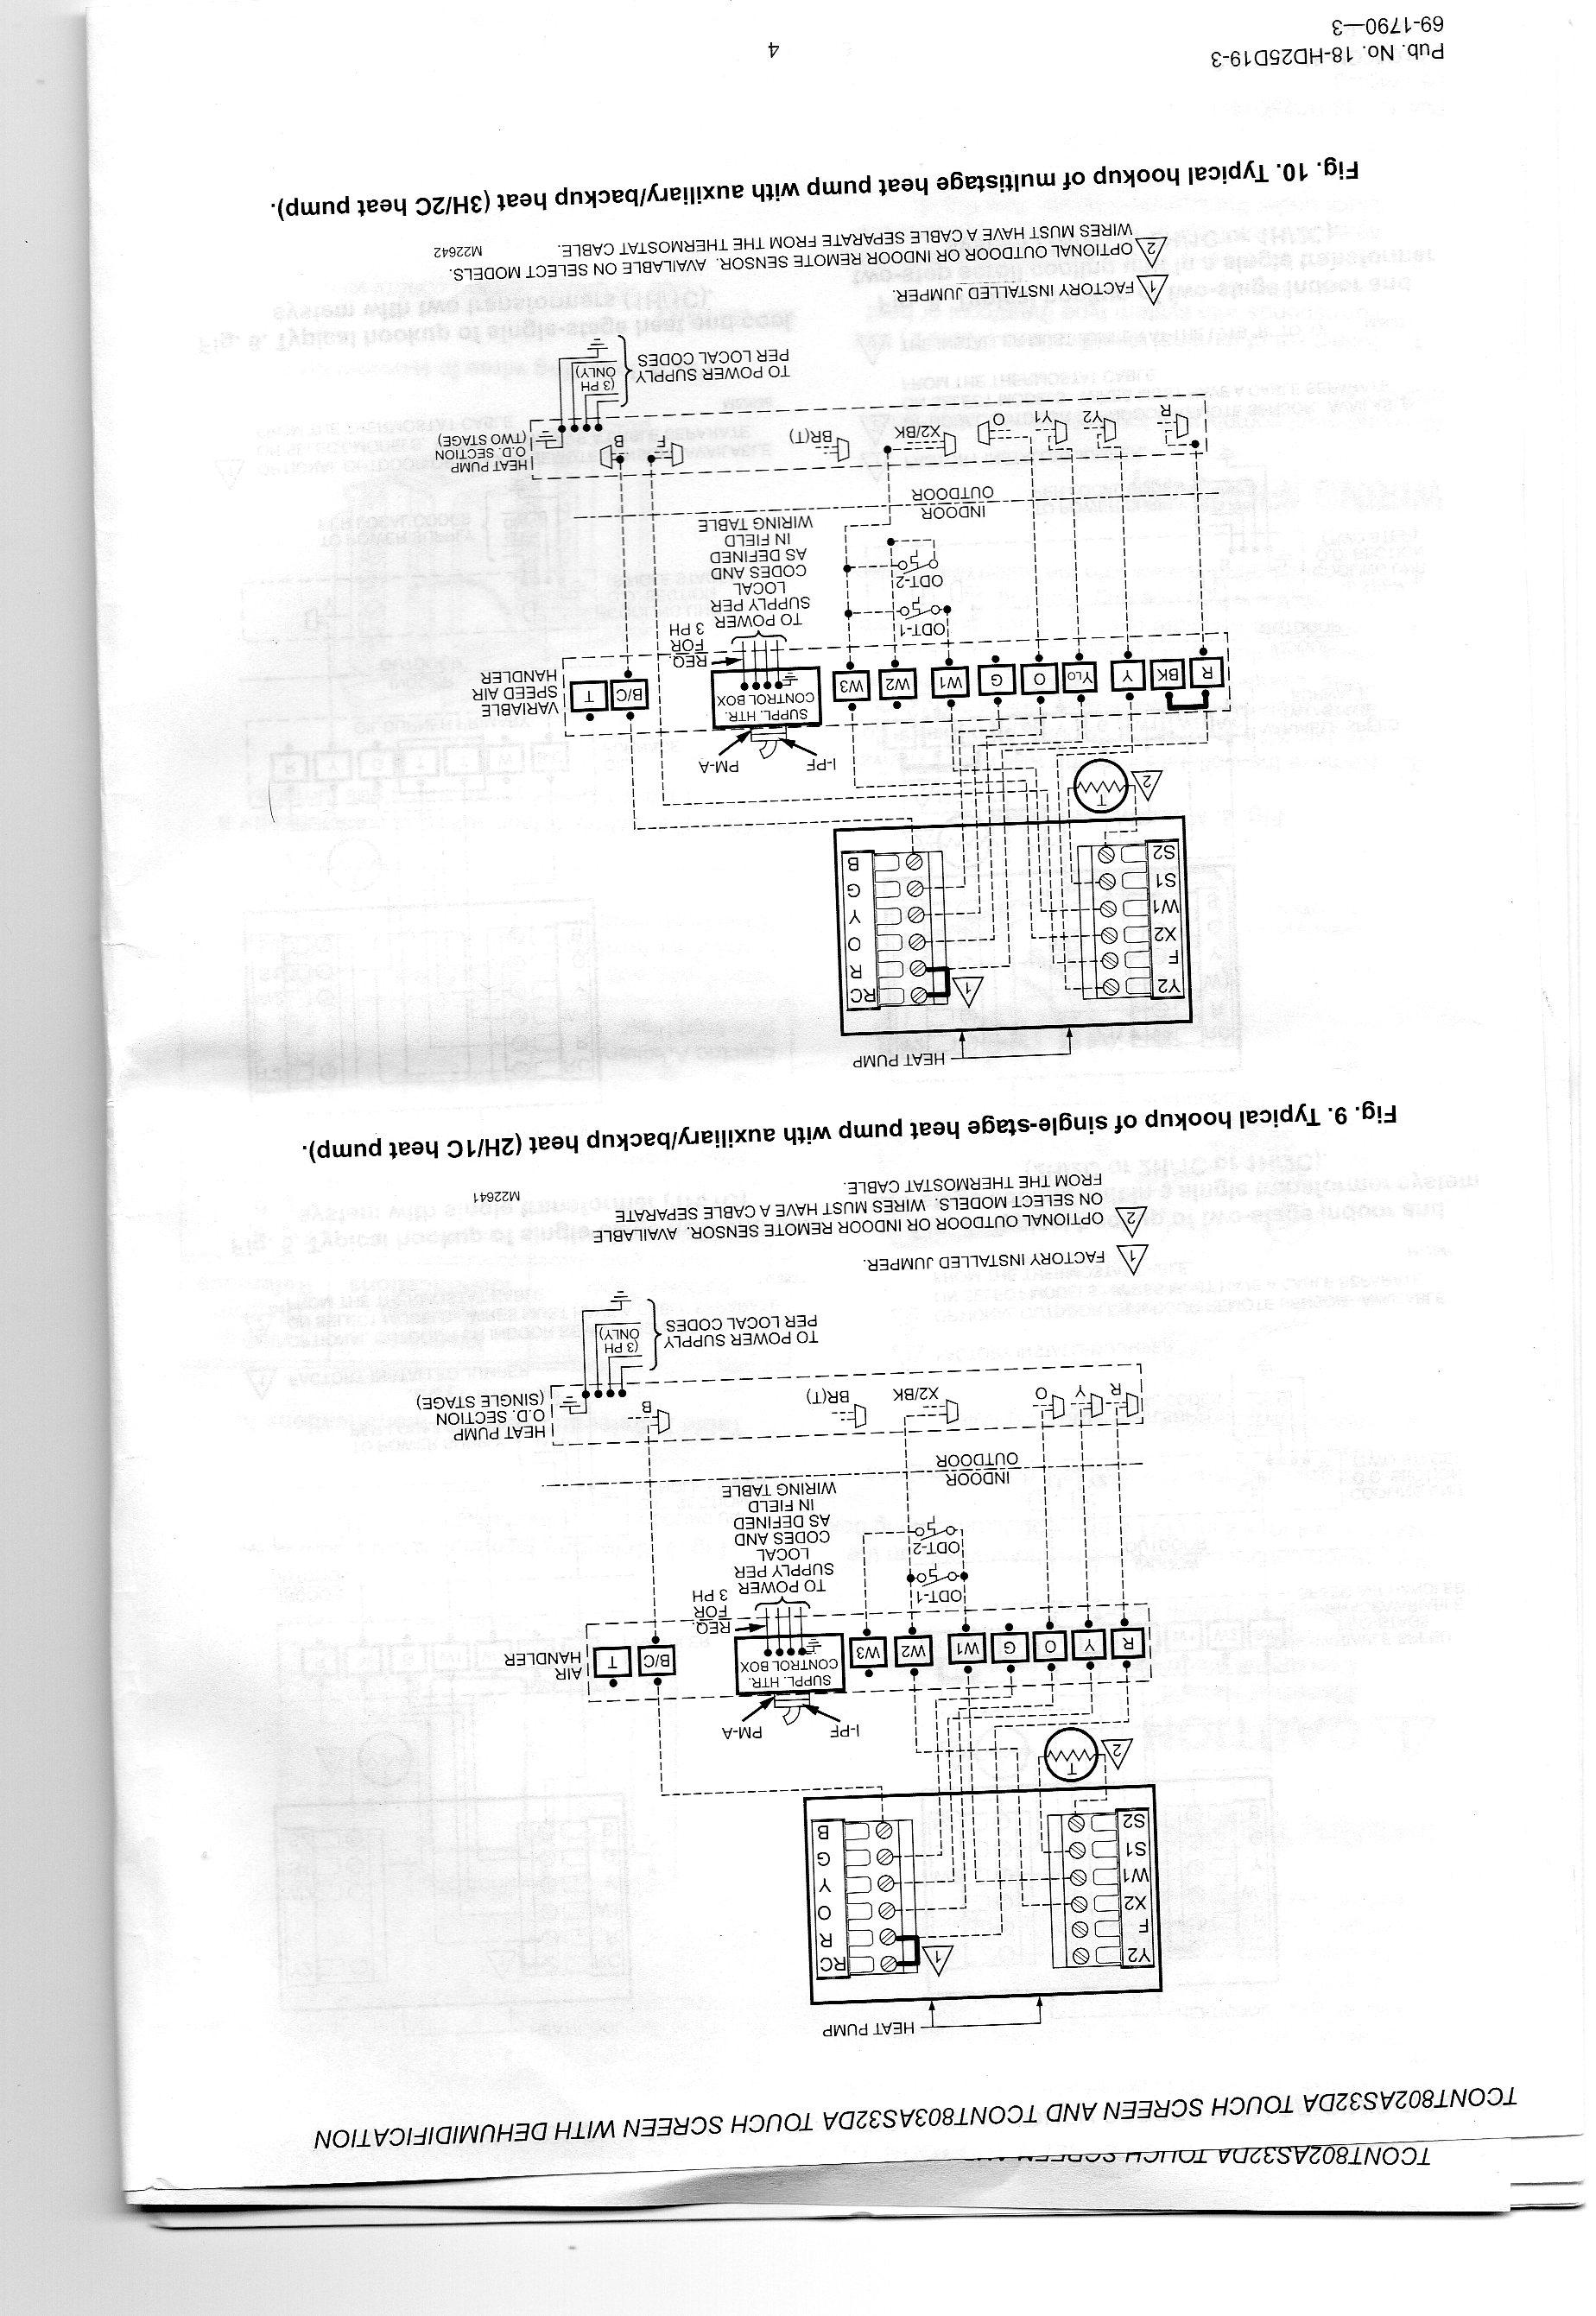 trane hvac schematics best wiring library  trane hvac wiring diagrams ycd600 wiring diagrams scematic hvac controls diagrams trane hvac wiring diagrams ycd600